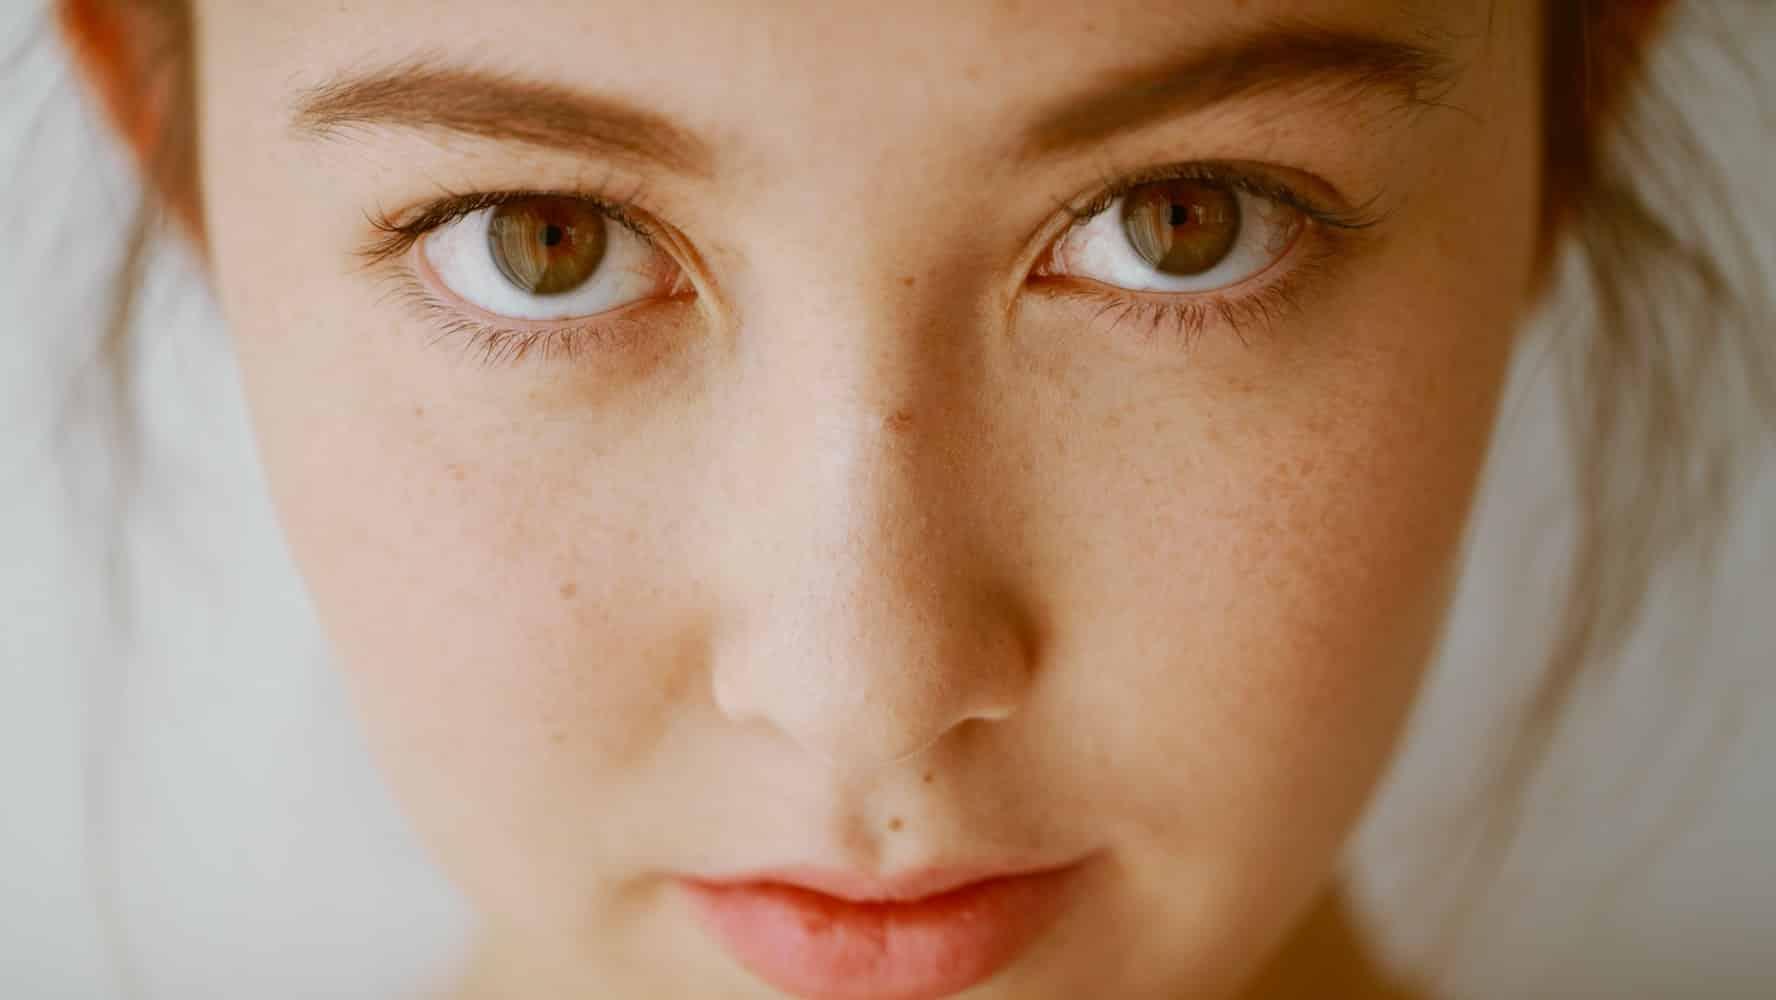 Citation 12 types de narcissisme qui prouvent que nous sommes tous un peu narcissiques